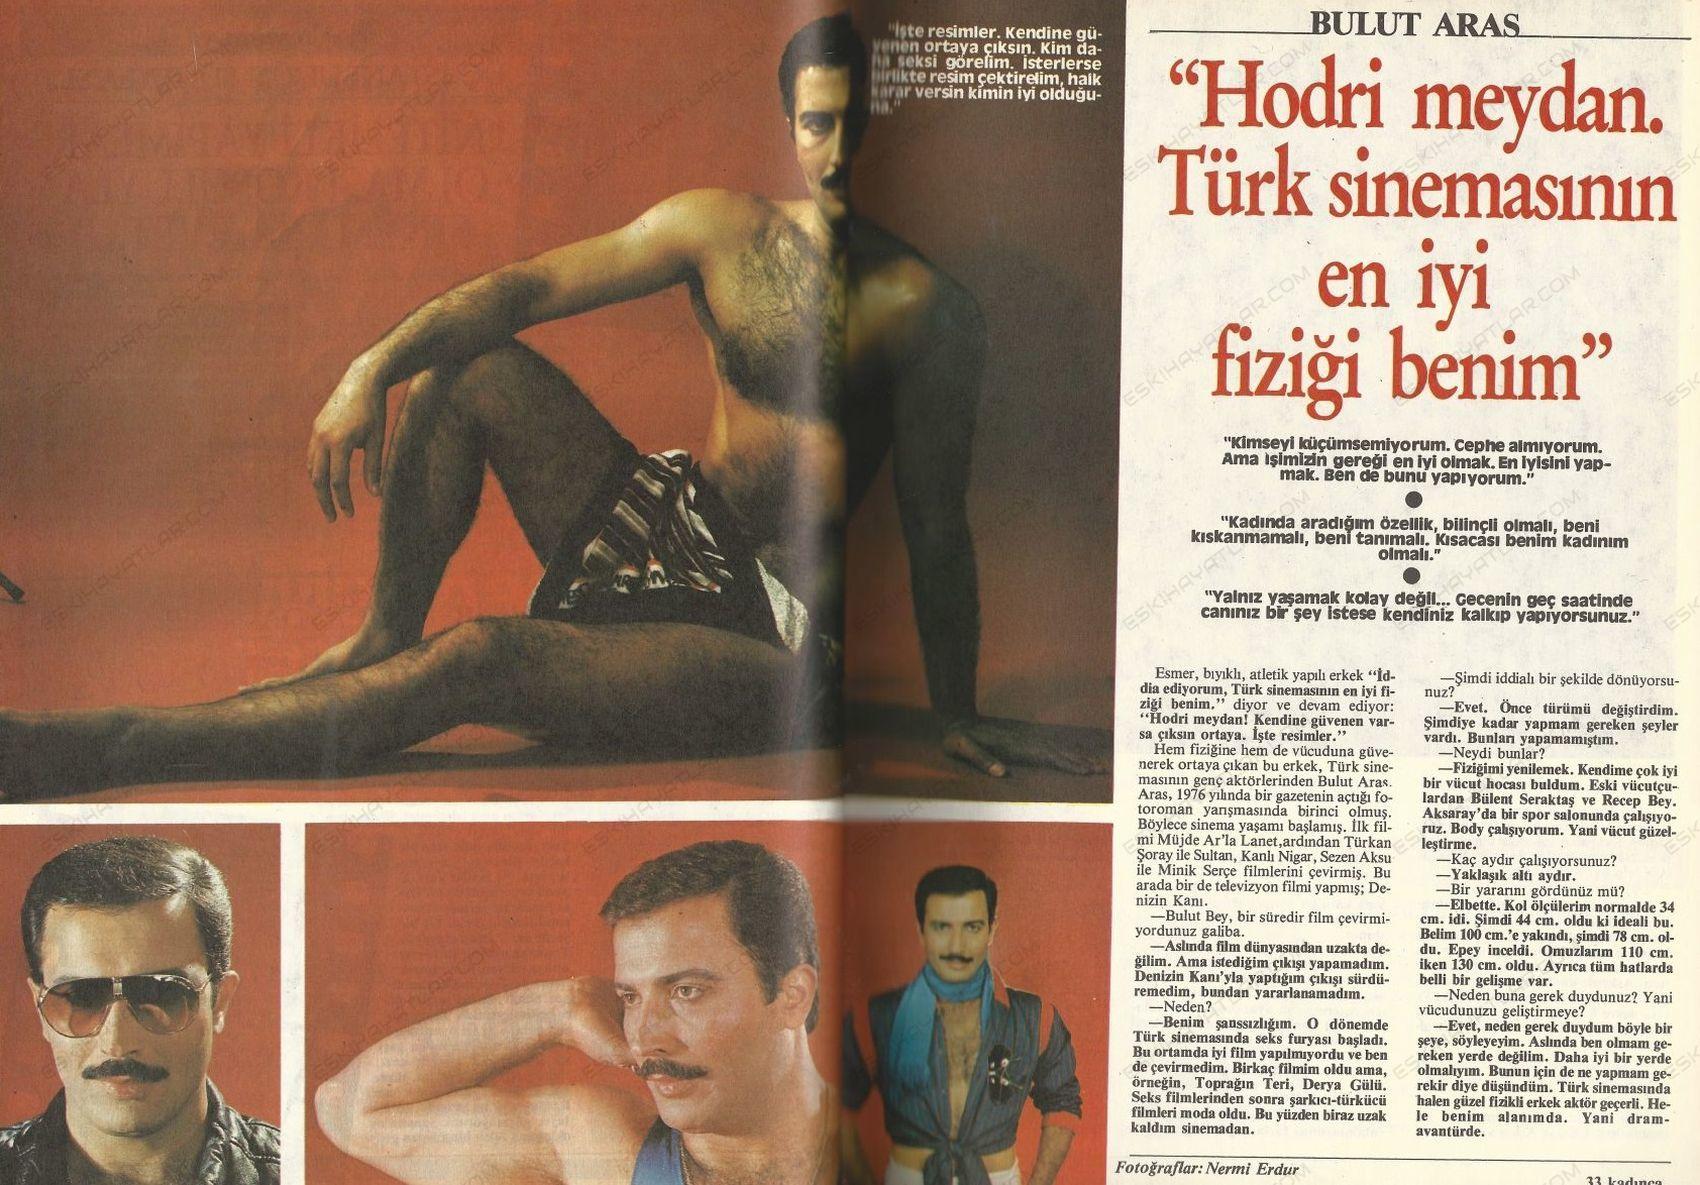 0388-bulut-aras-turk-sinemasinin-en-iyigi-fizigi-benim-1984-kadinca-dergisi (2)